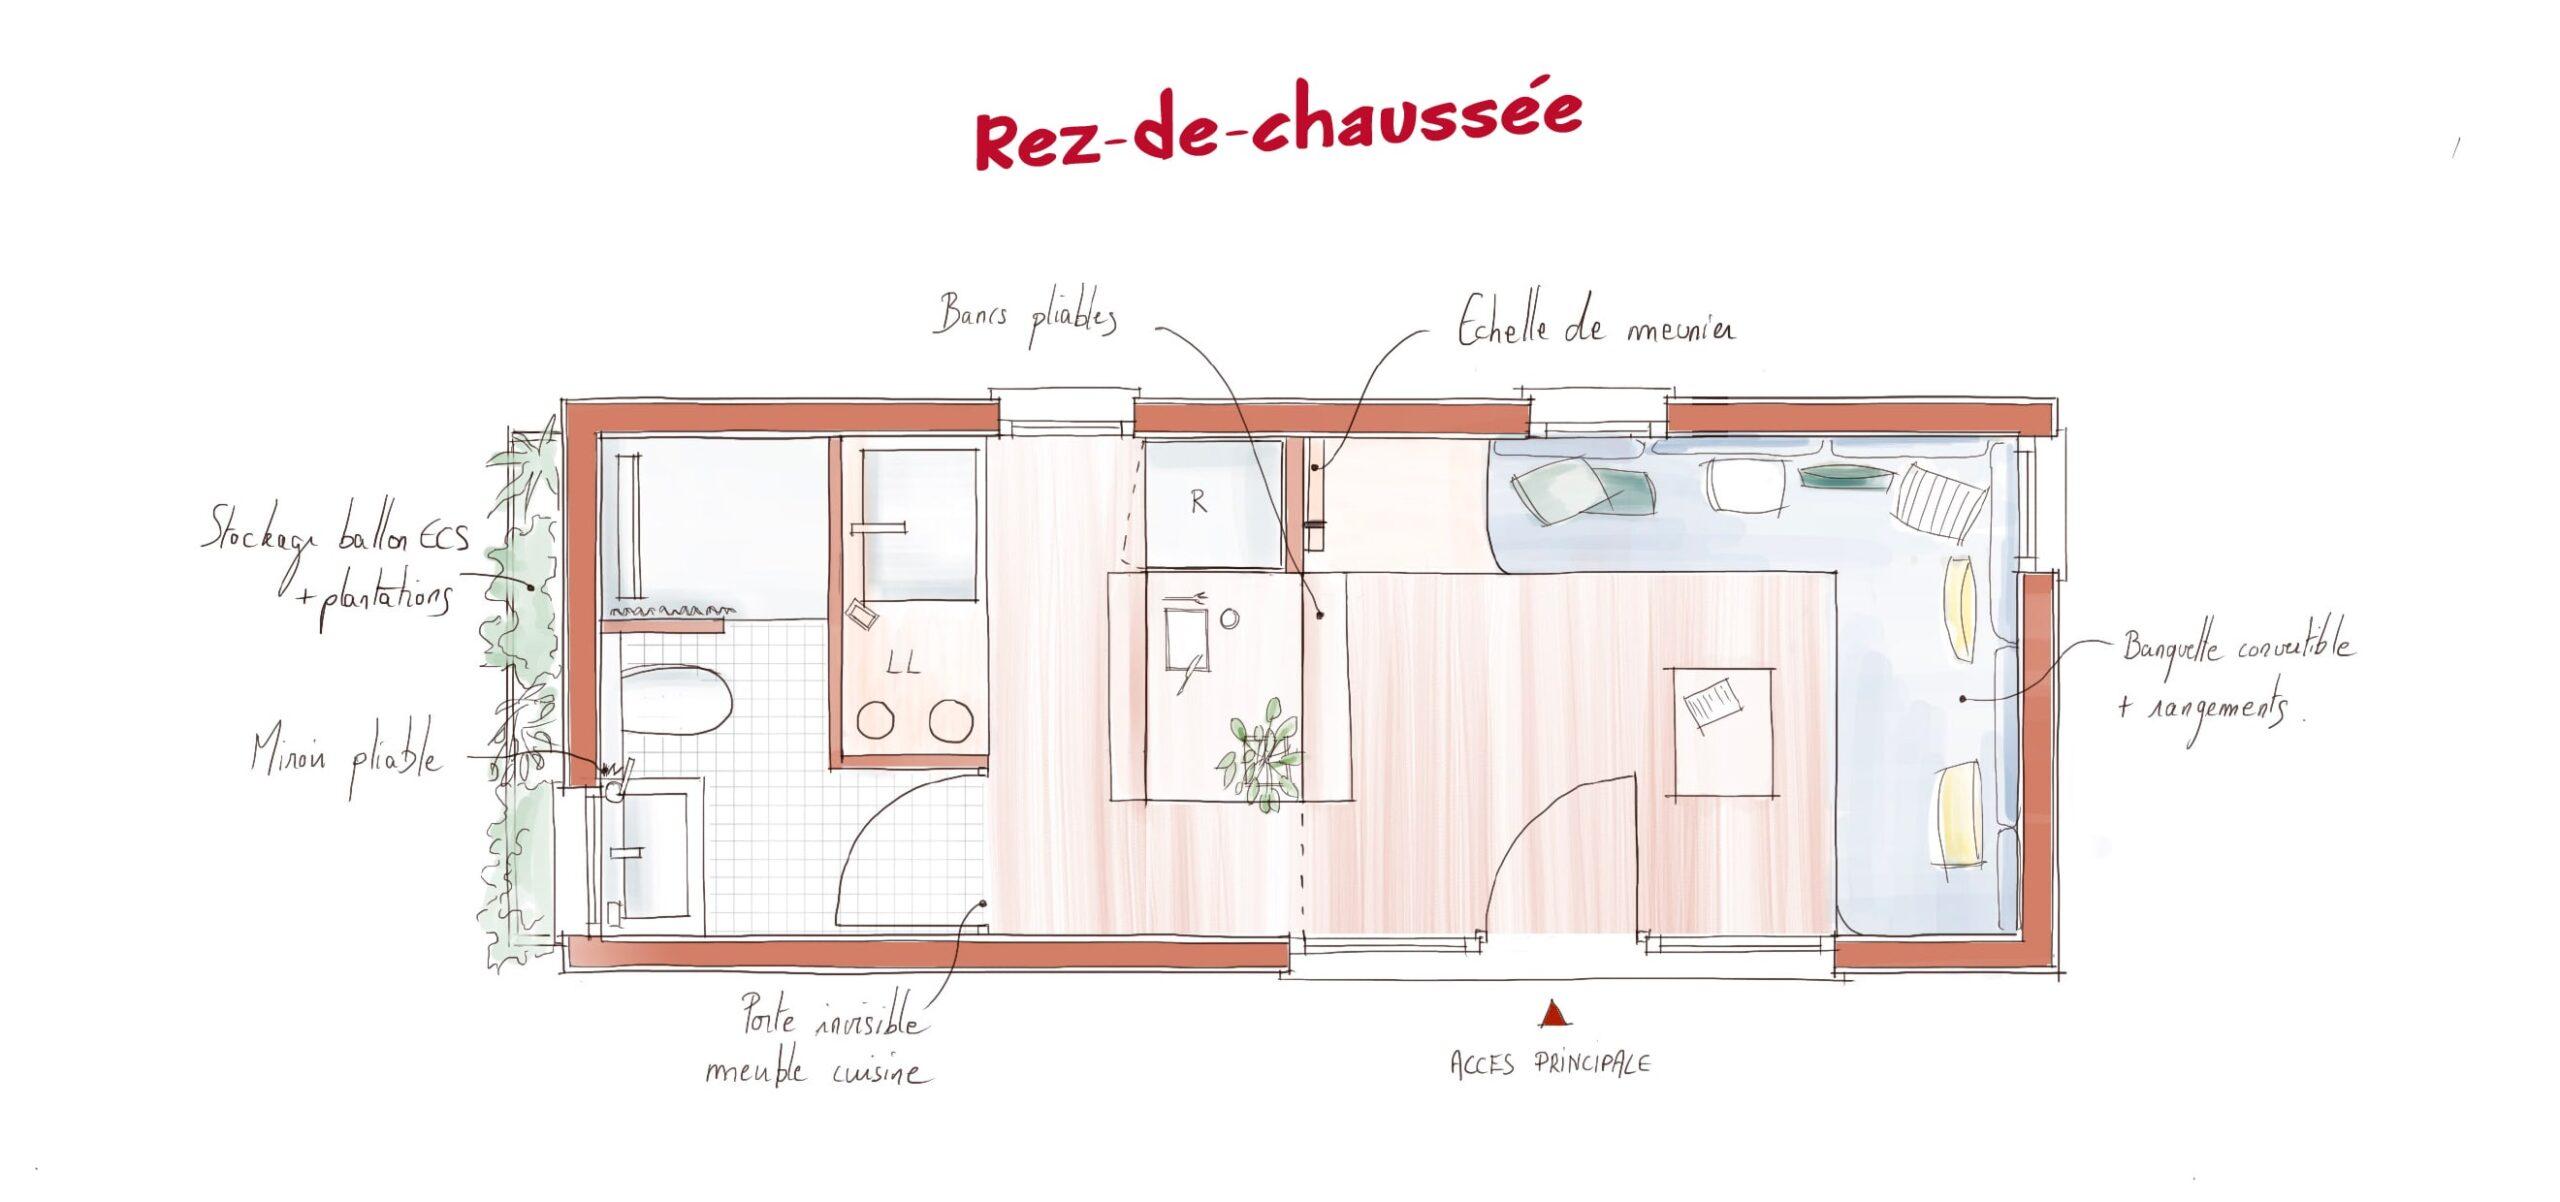 tiny-house-particulier-original-rez-de-chaussee